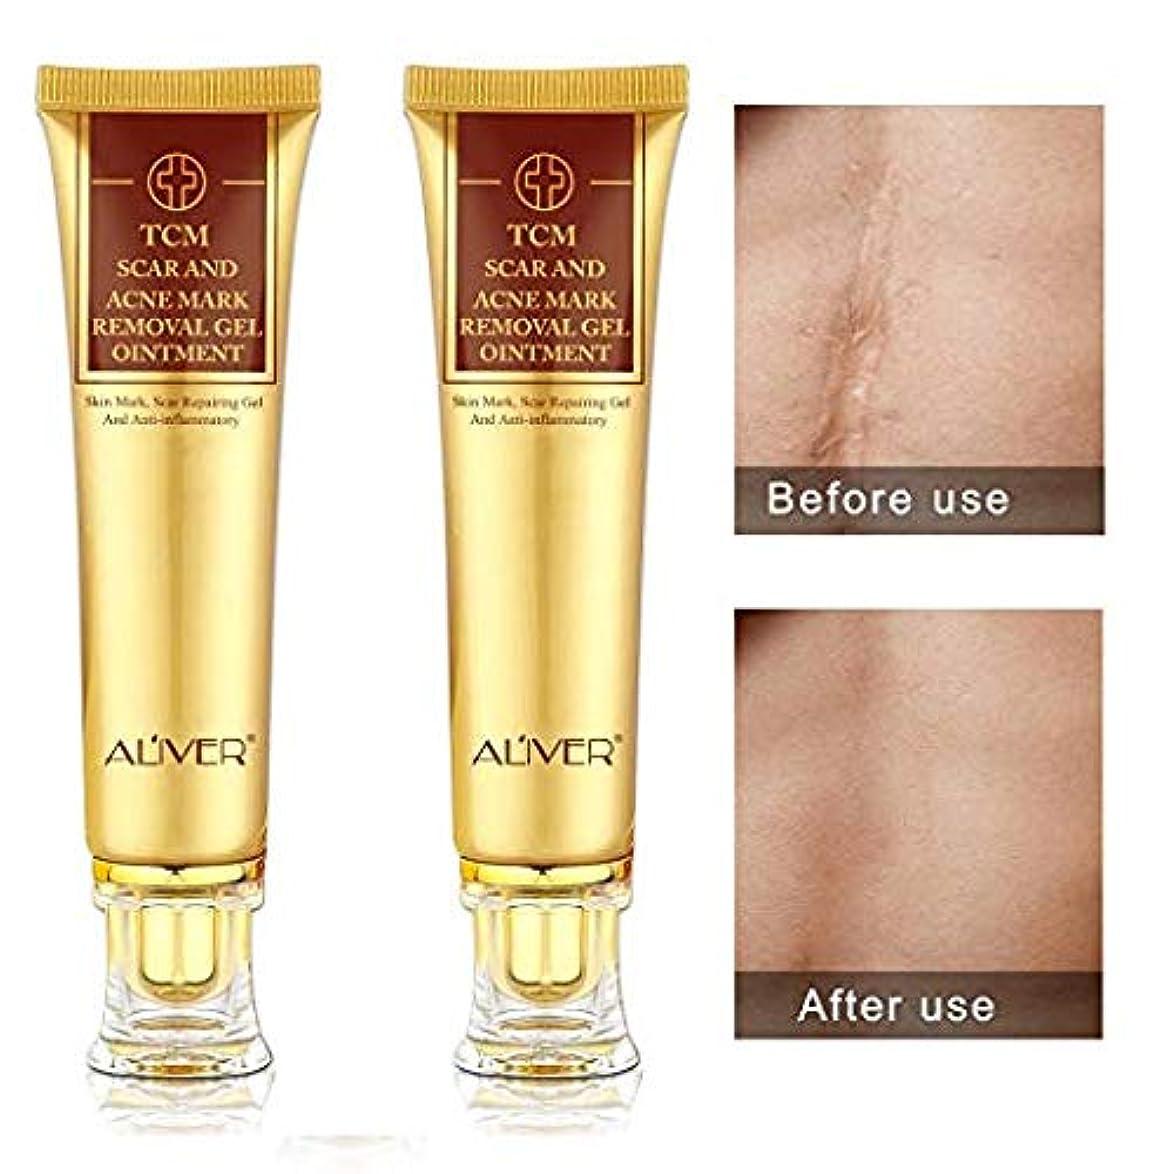 原子有効悪用(2本)TCM漢方医 ケロイド除去クリーム 消炎クリーム にきびの傷跡治療クリーム ニキビのシミを修復して、お肌を美白します